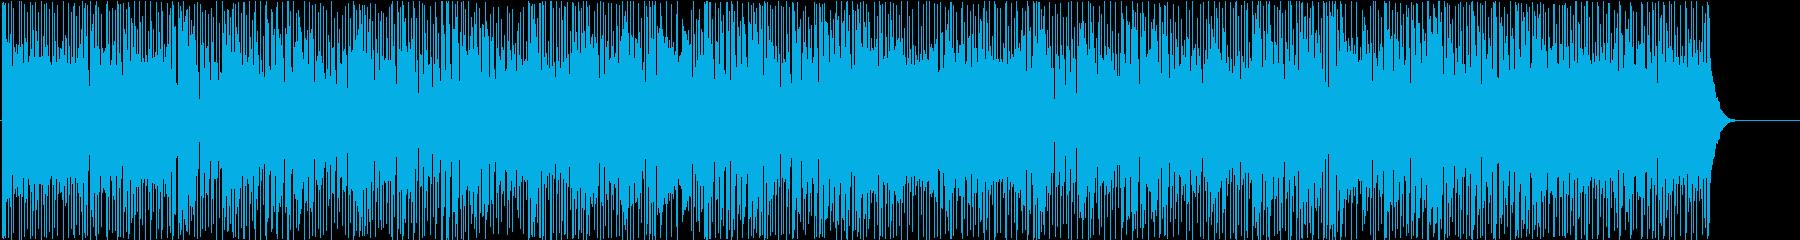 若さあふれる懐かしいディスコBGMの再生済みの波形